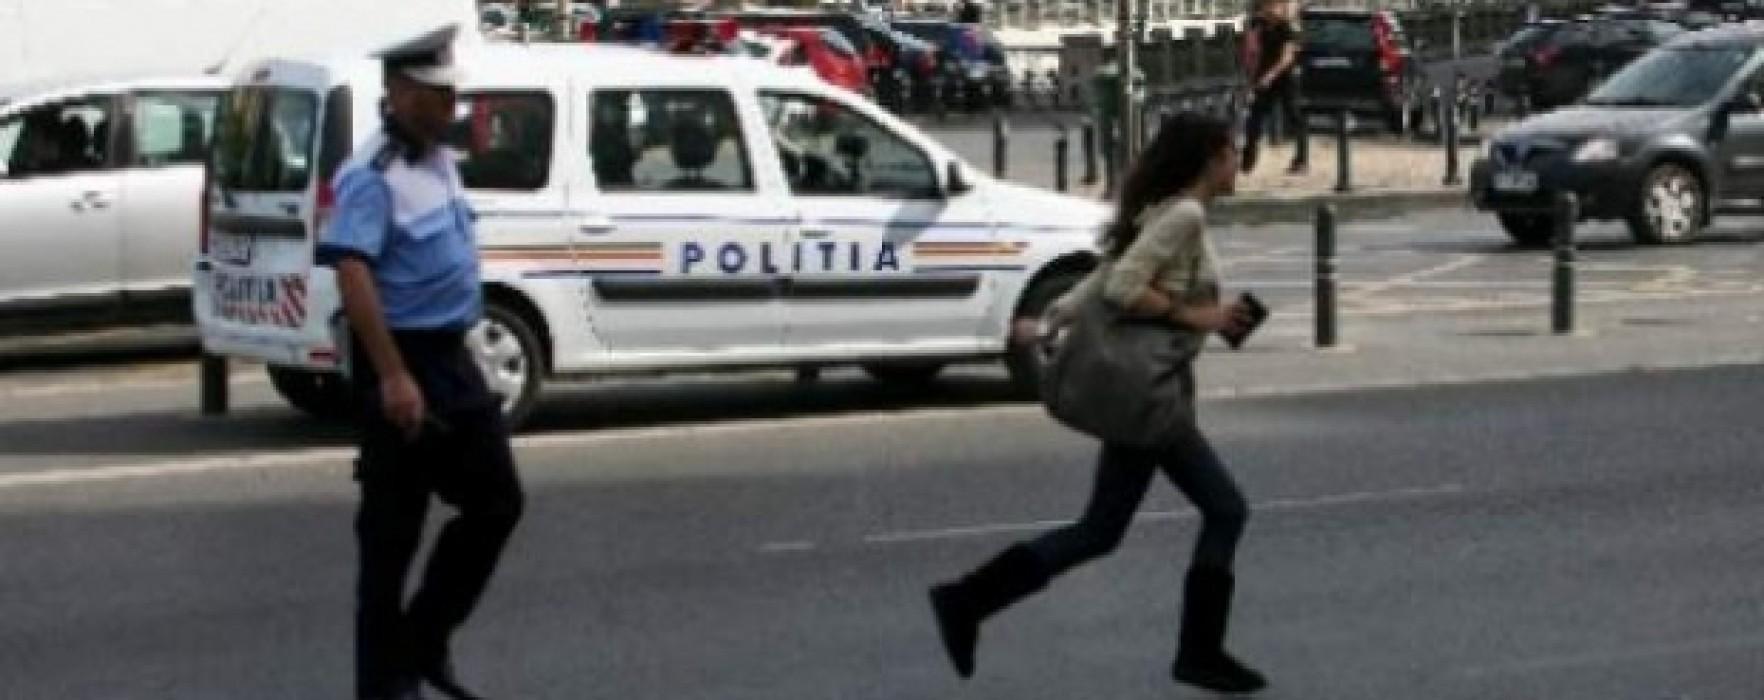 Dâmboviţa: Acţiune a Poliţiei privind traversarea regulamentară a străzii